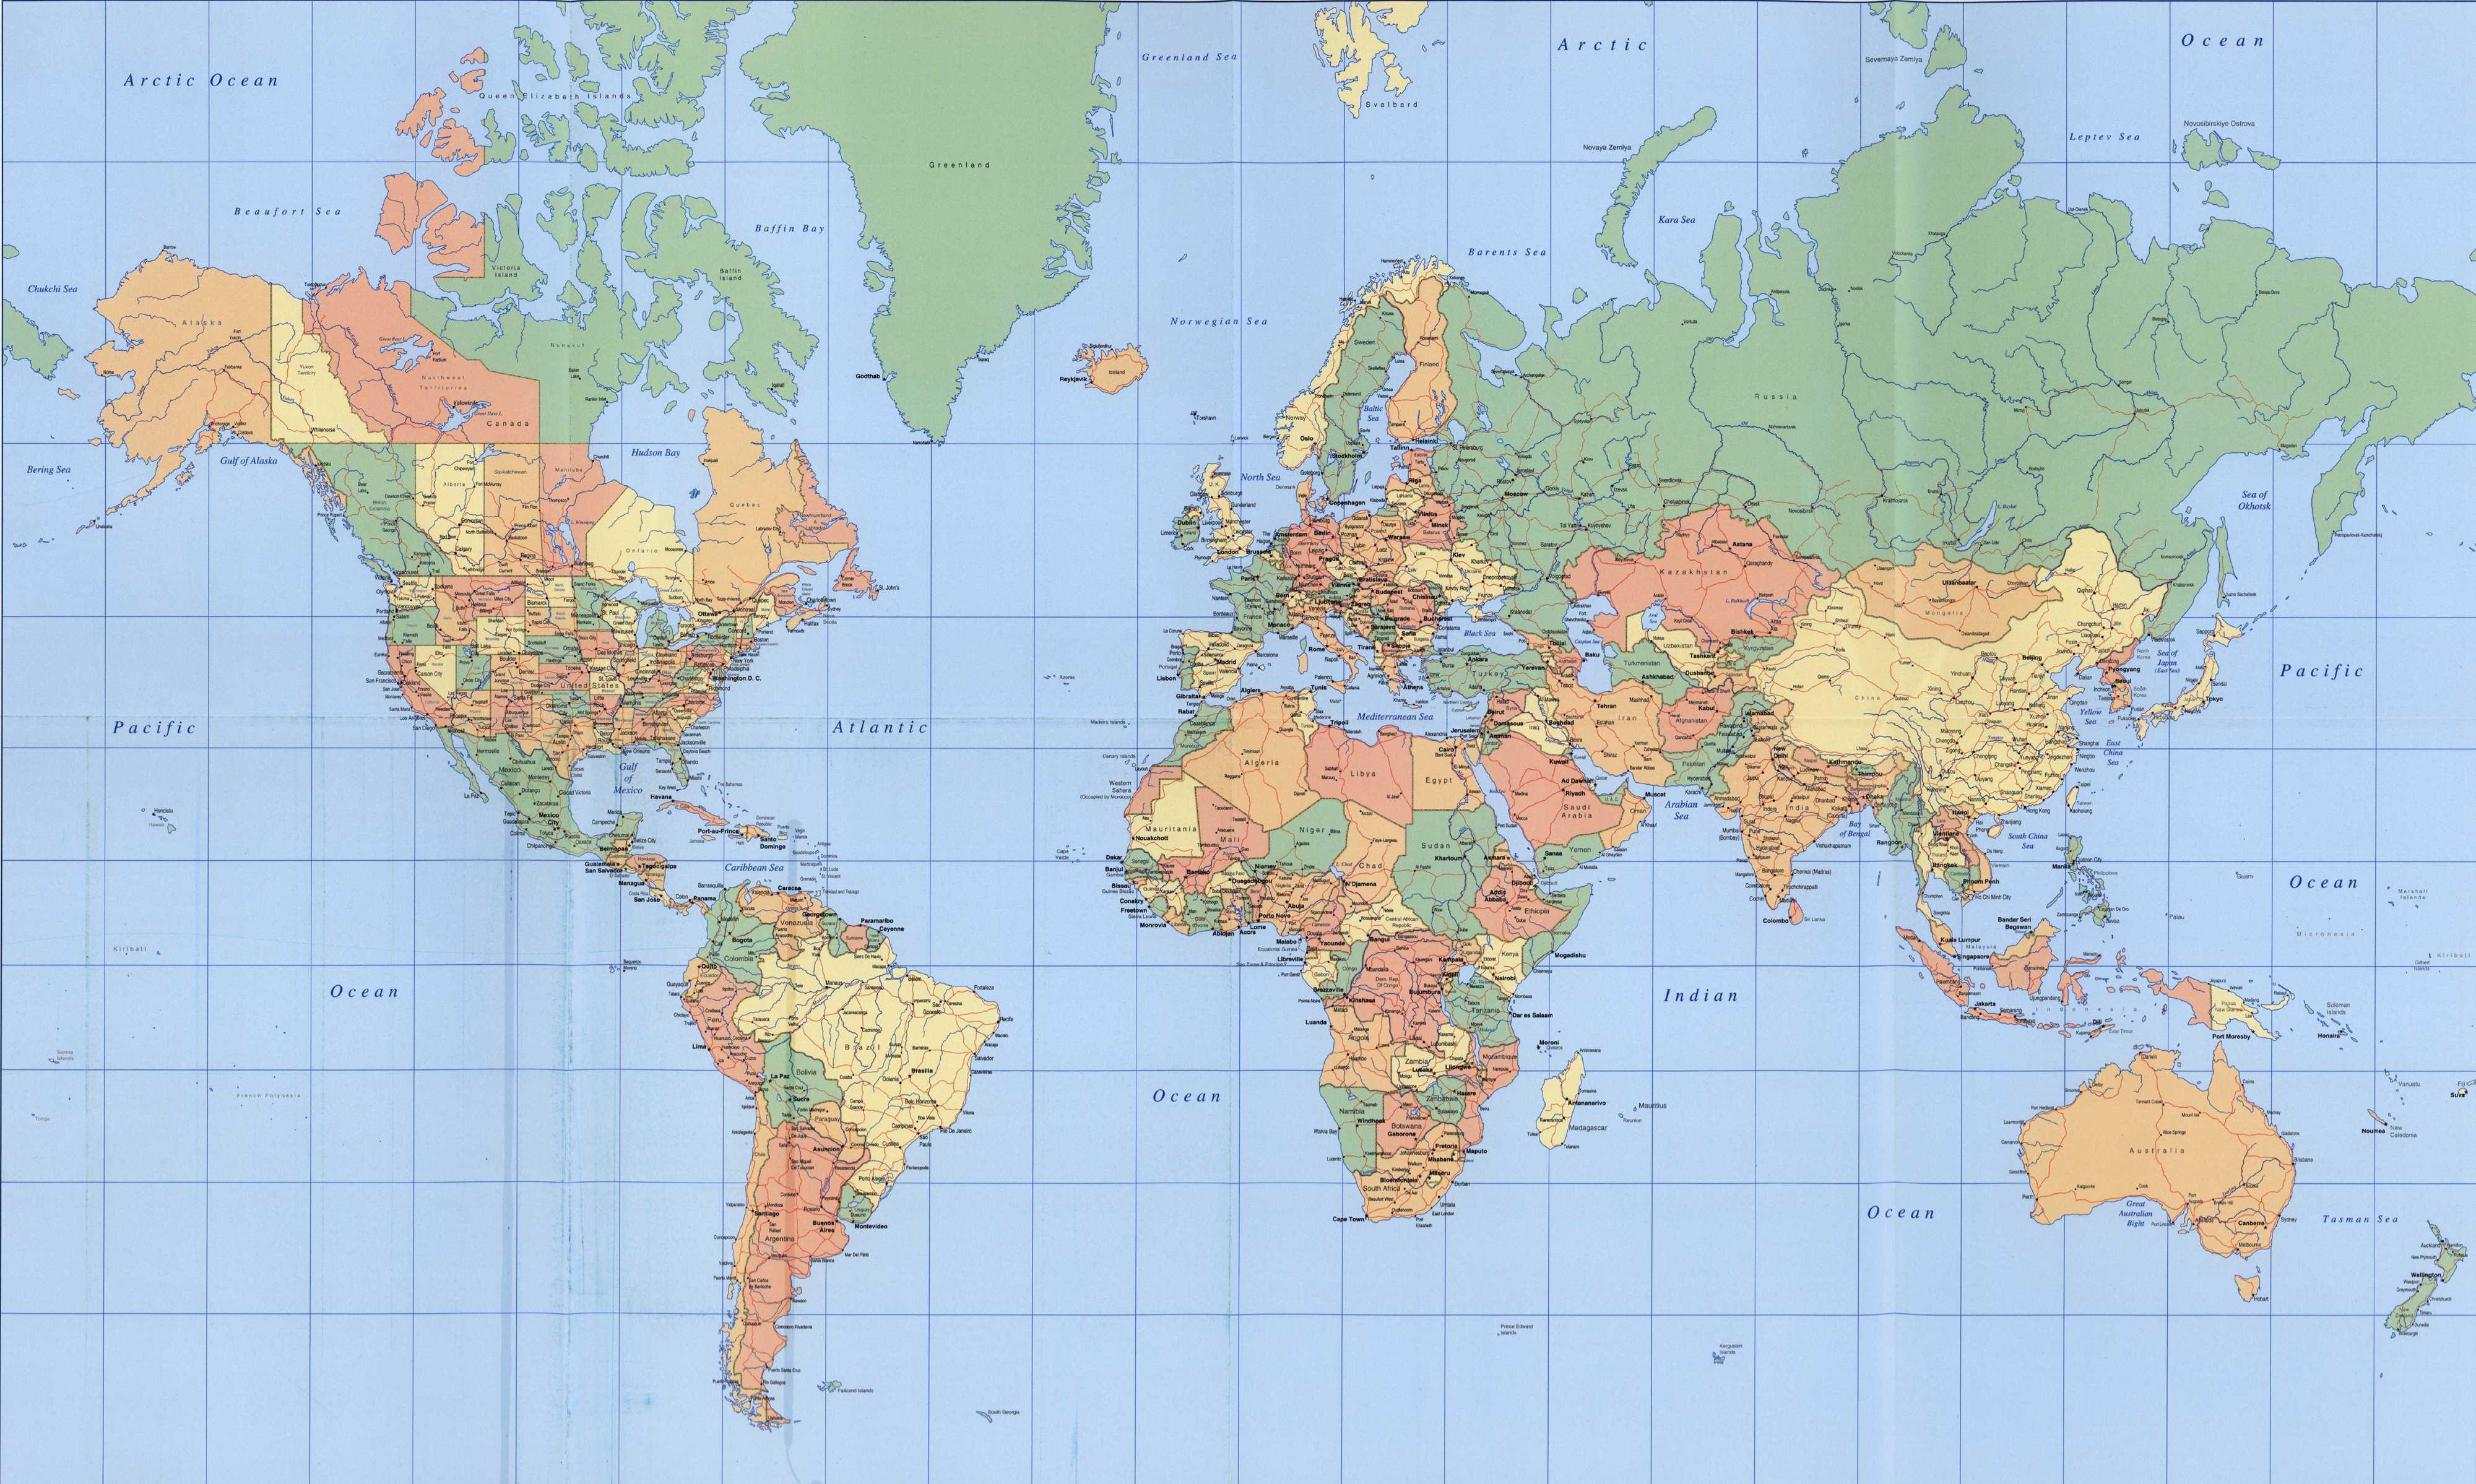 Siapkan gambar peta dunia kalau belum punya download aja di sini 4000x2398